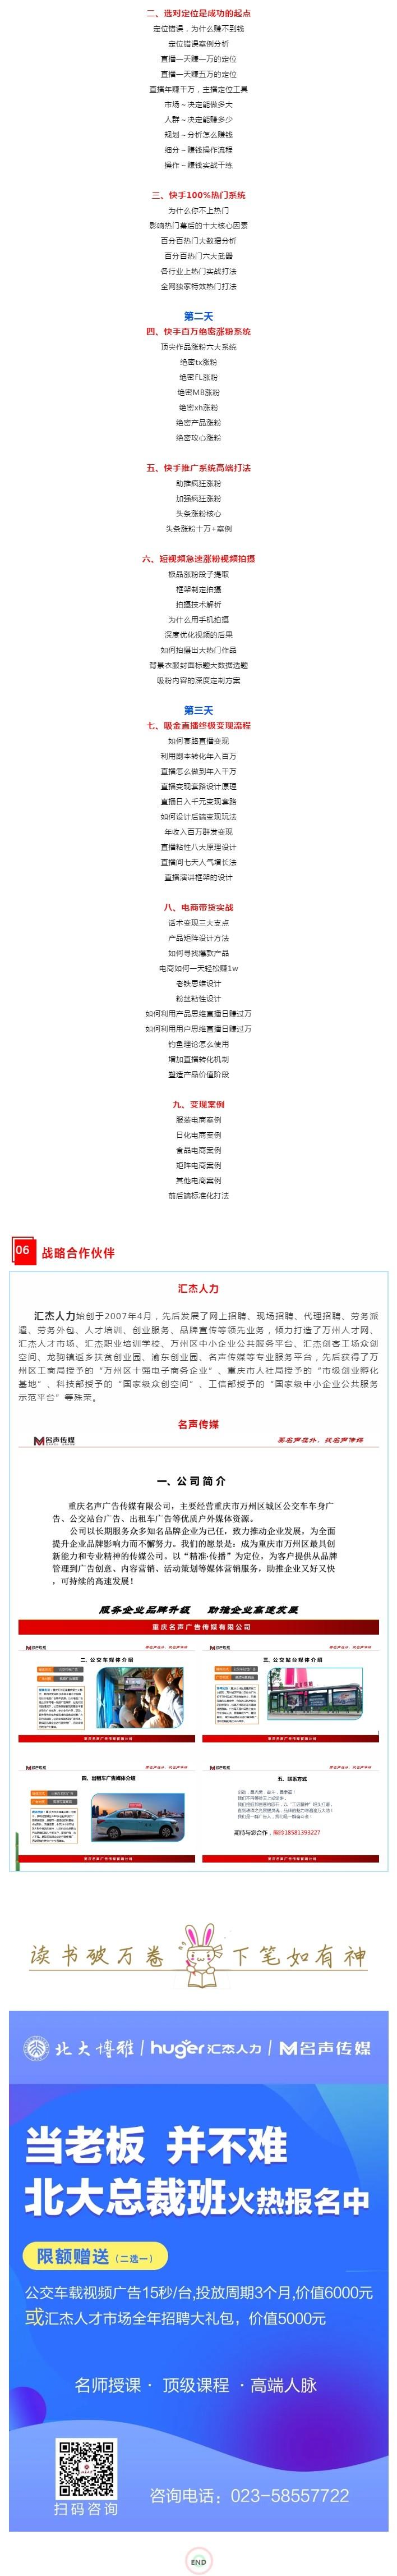 1593651351(1)_看图王.jpg